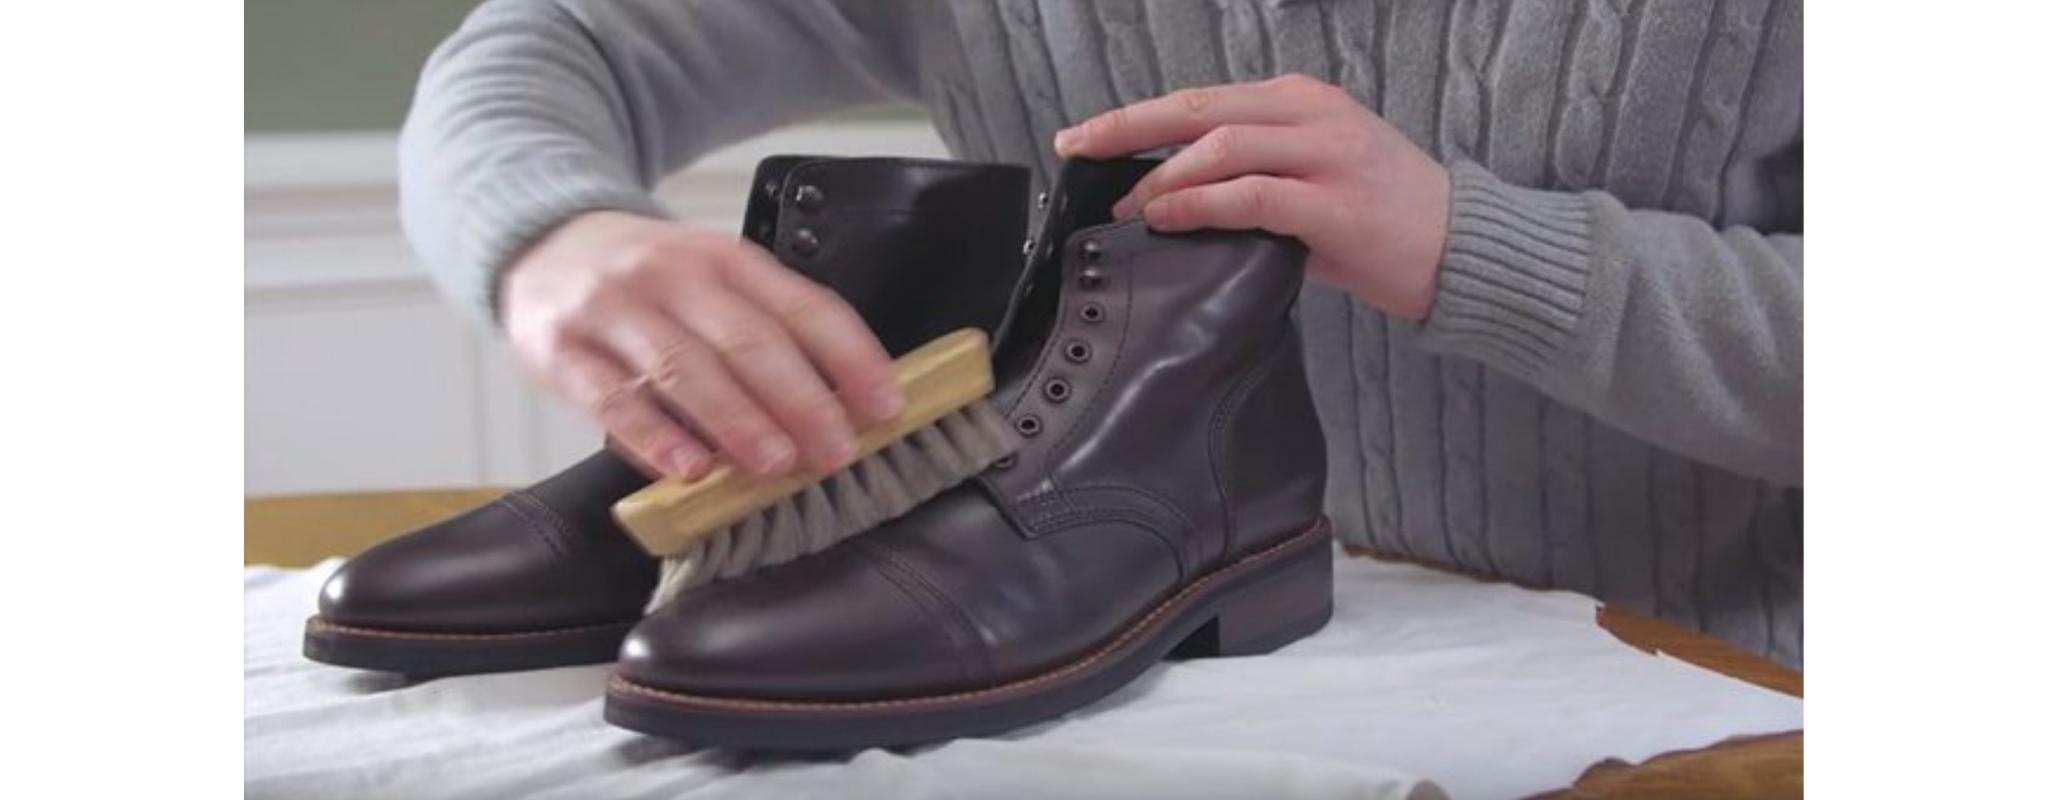 escovando sapatos de couro para limpar